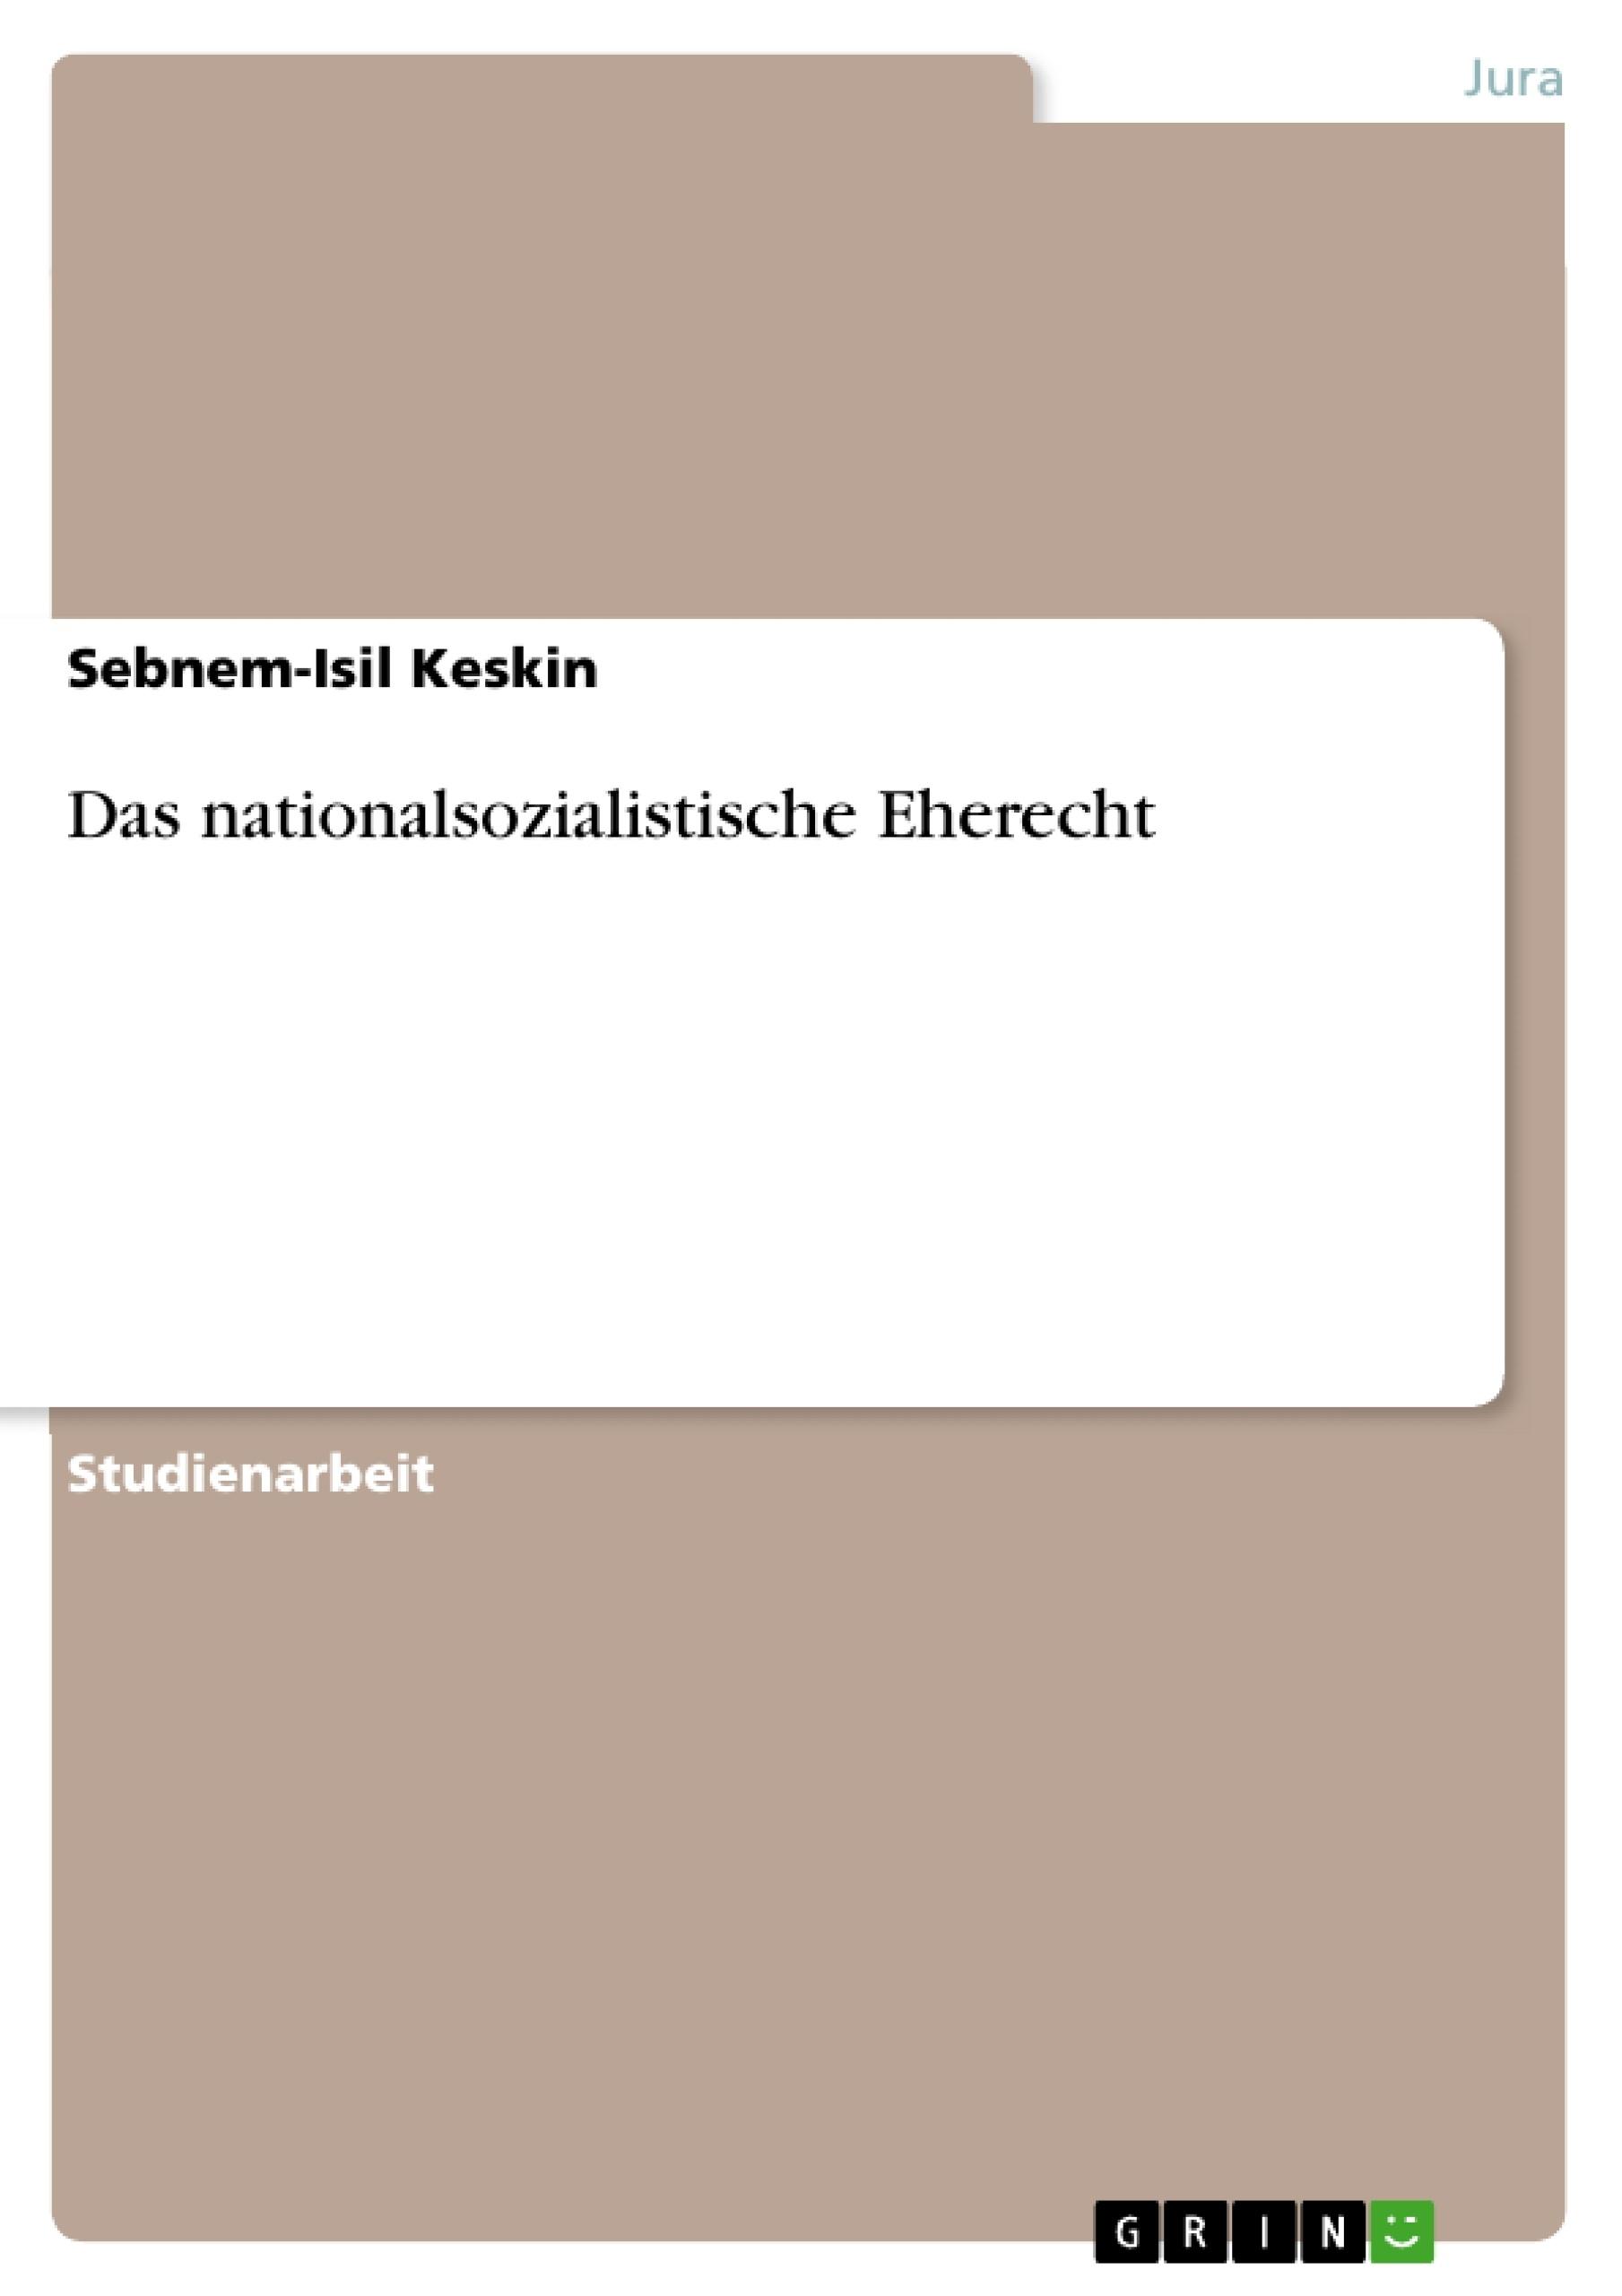 Titel: Das nationalsozialistische Eherecht